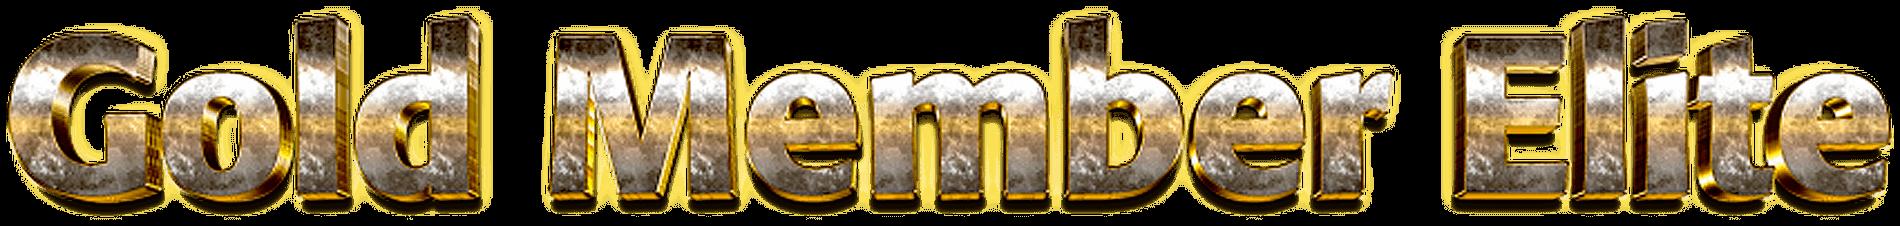 Gold-Member-Elite-logo